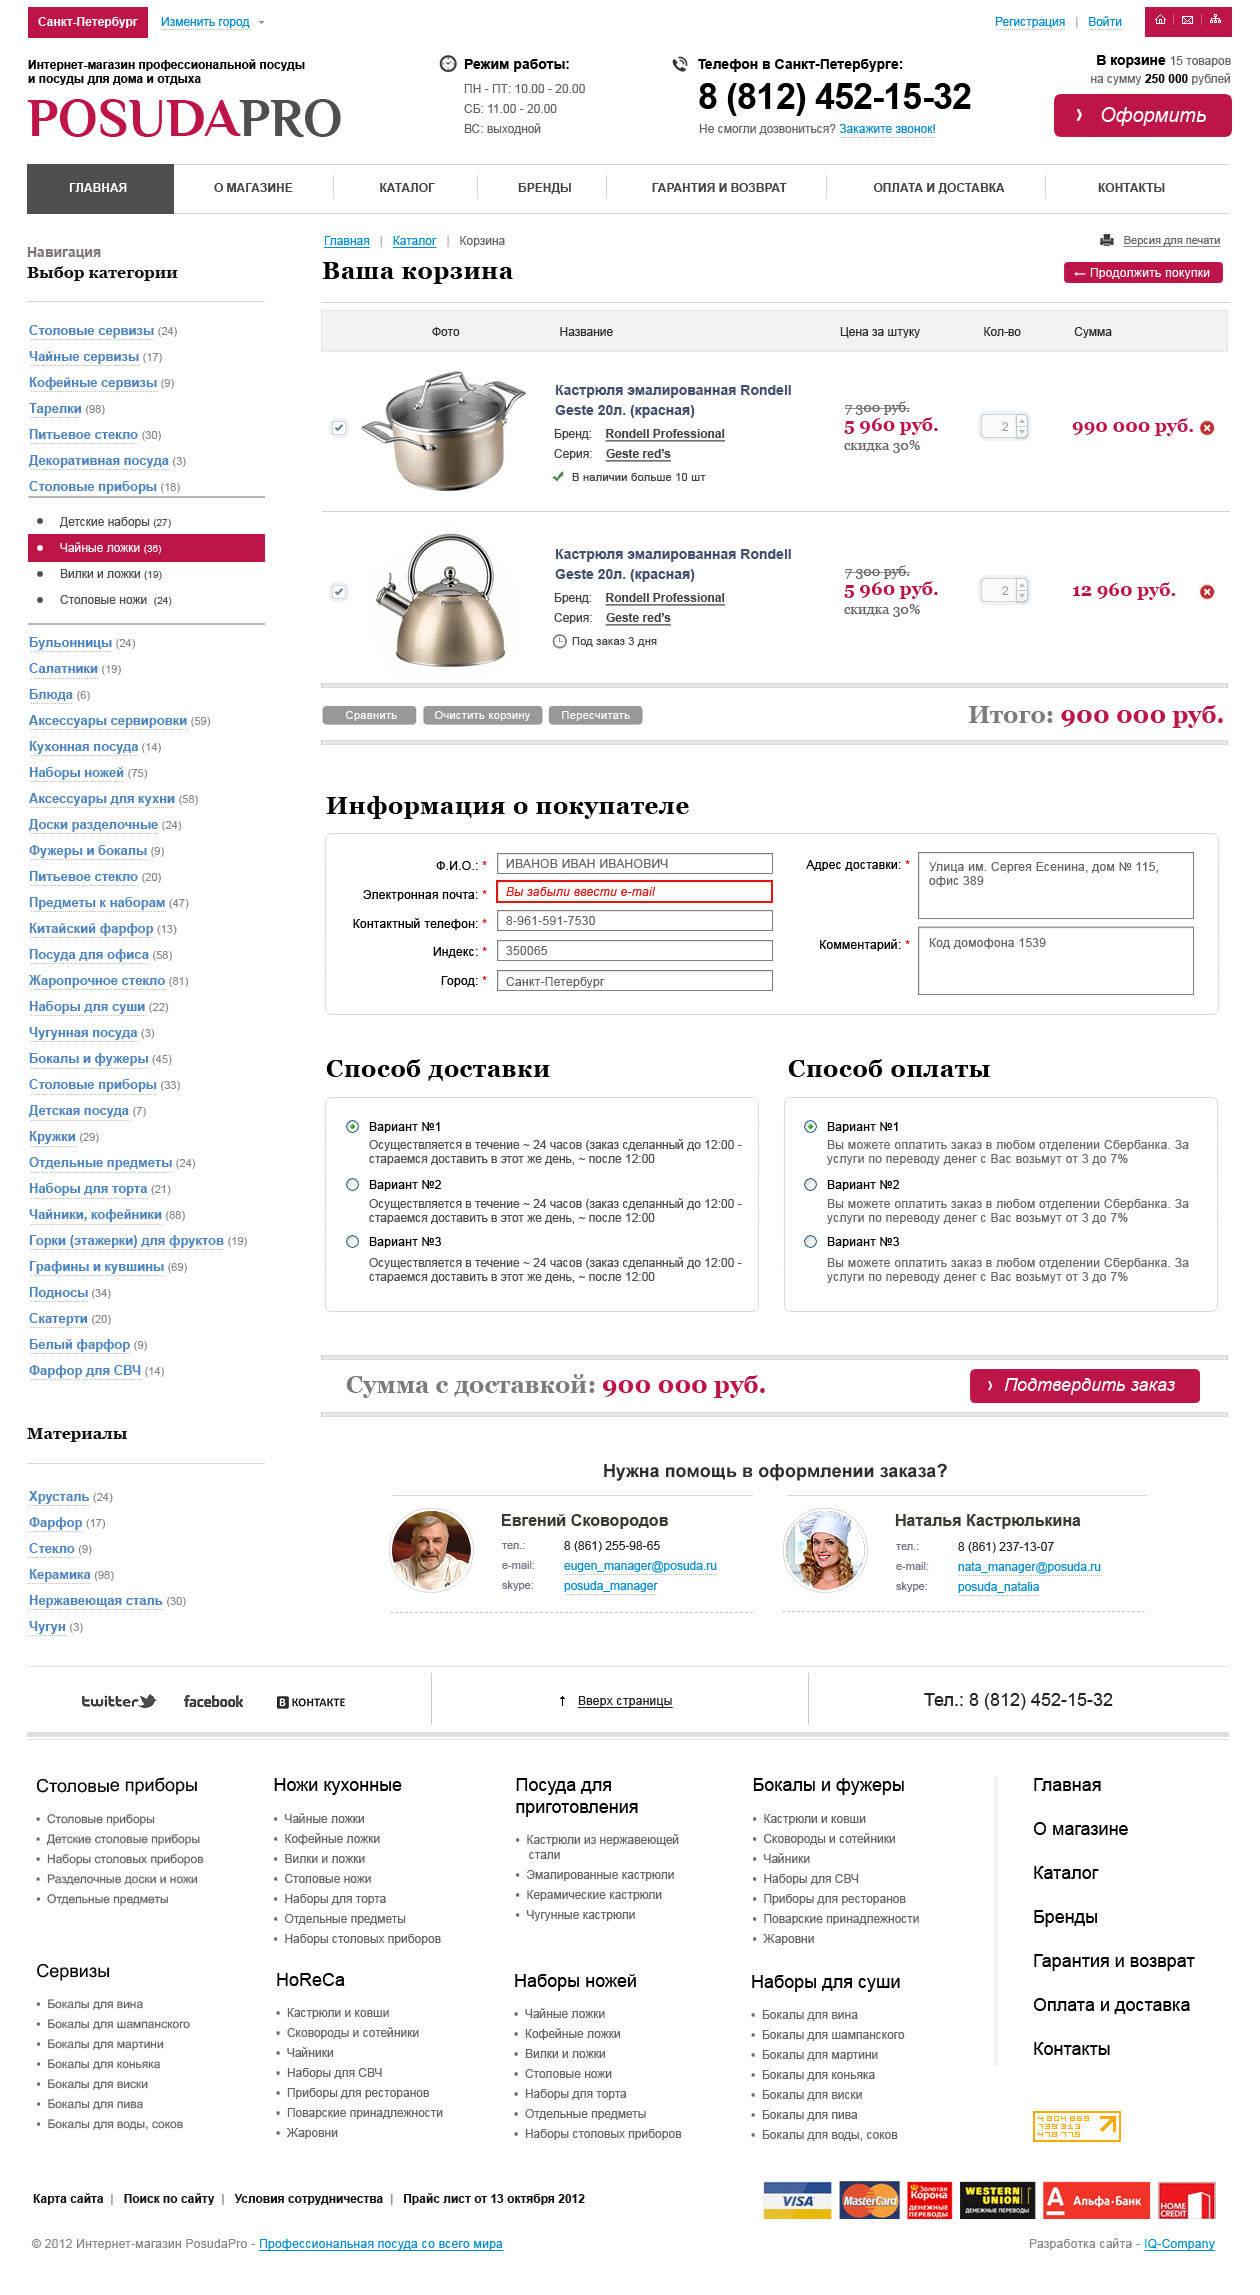 Интернет-магазин «PosudaPro».